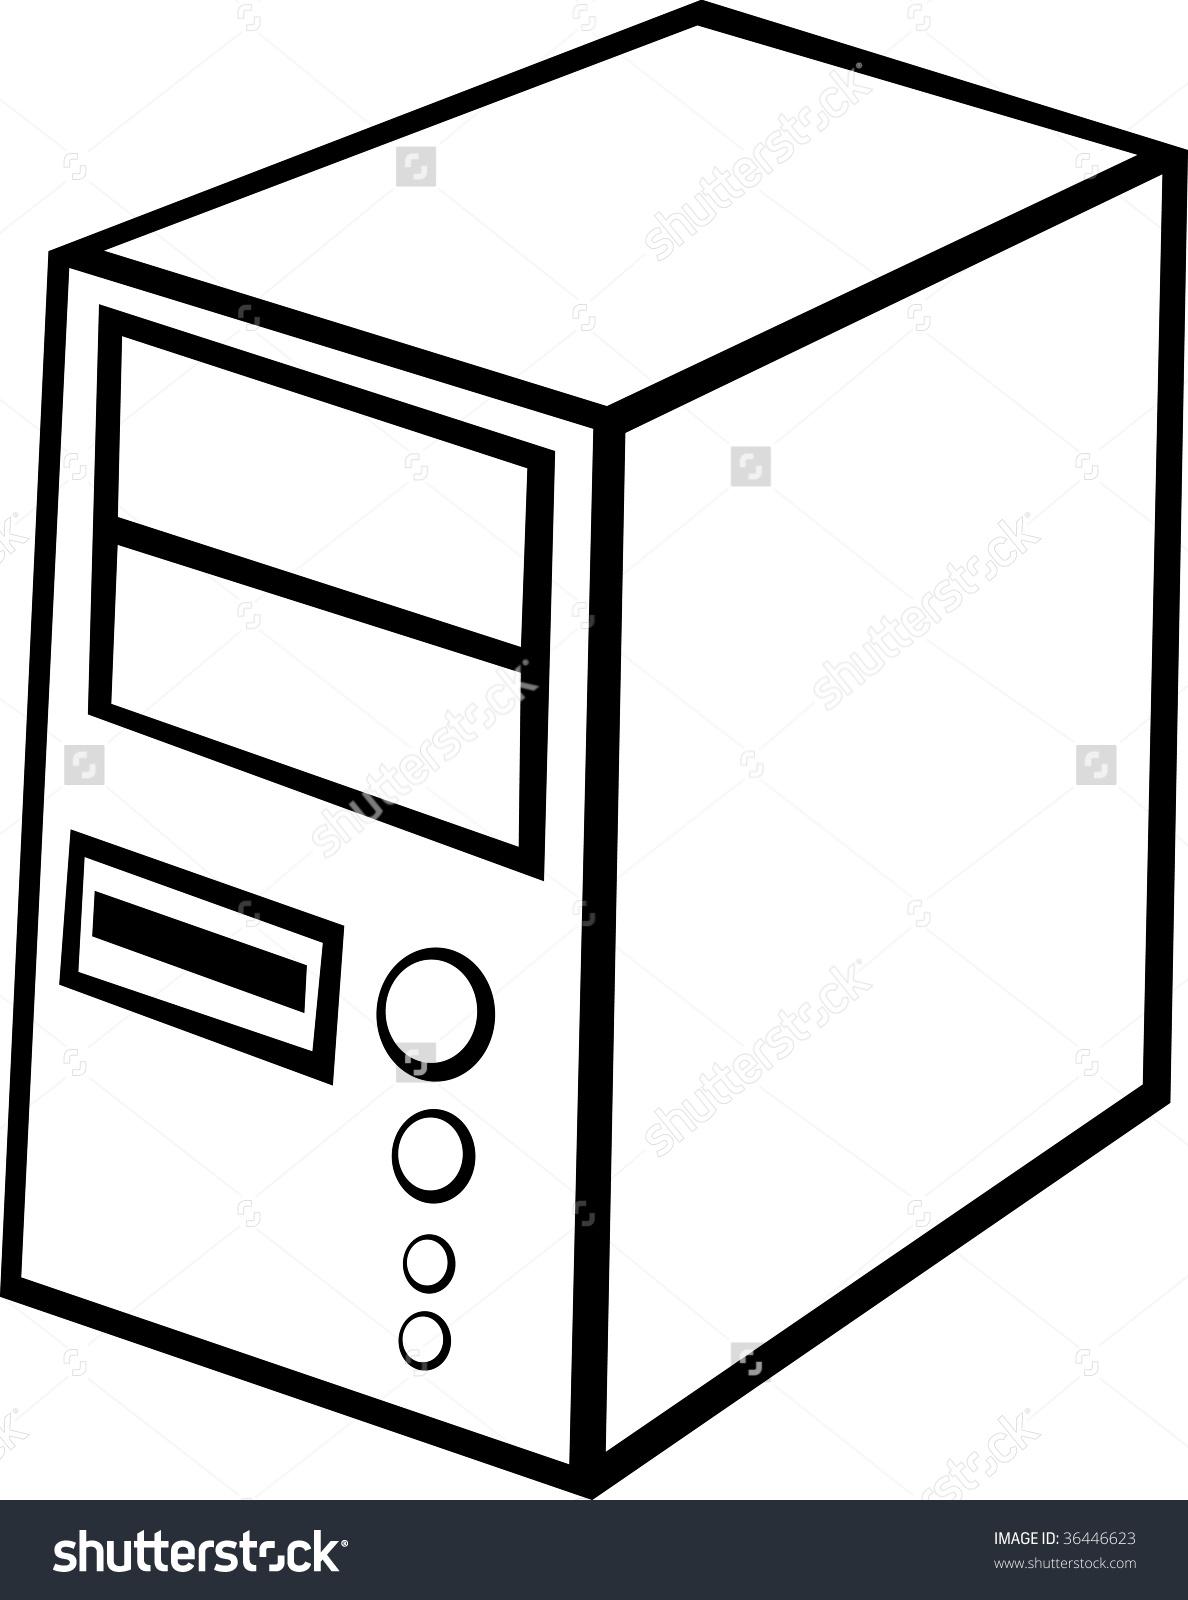 Computer case clipart. Cpu images clipartfest black